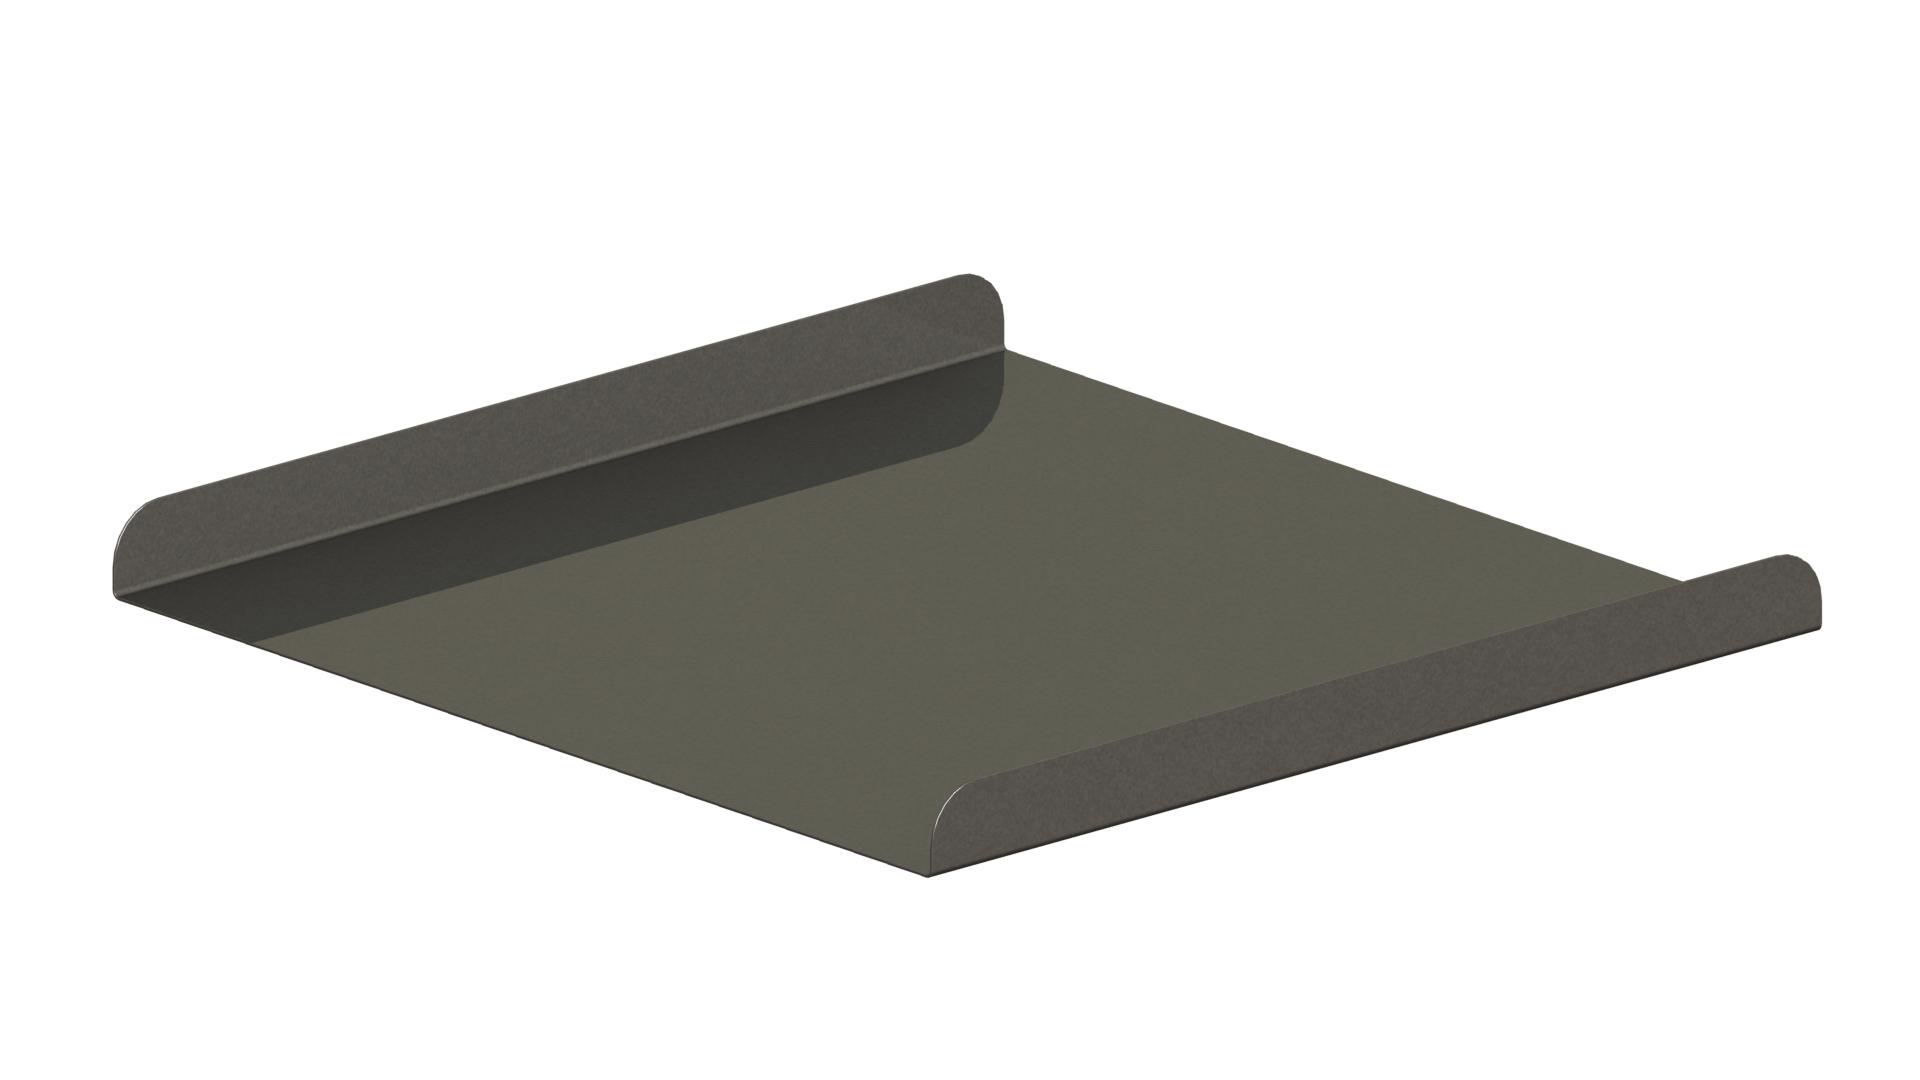 Tischplatte aus Metall für Sitzwürfel